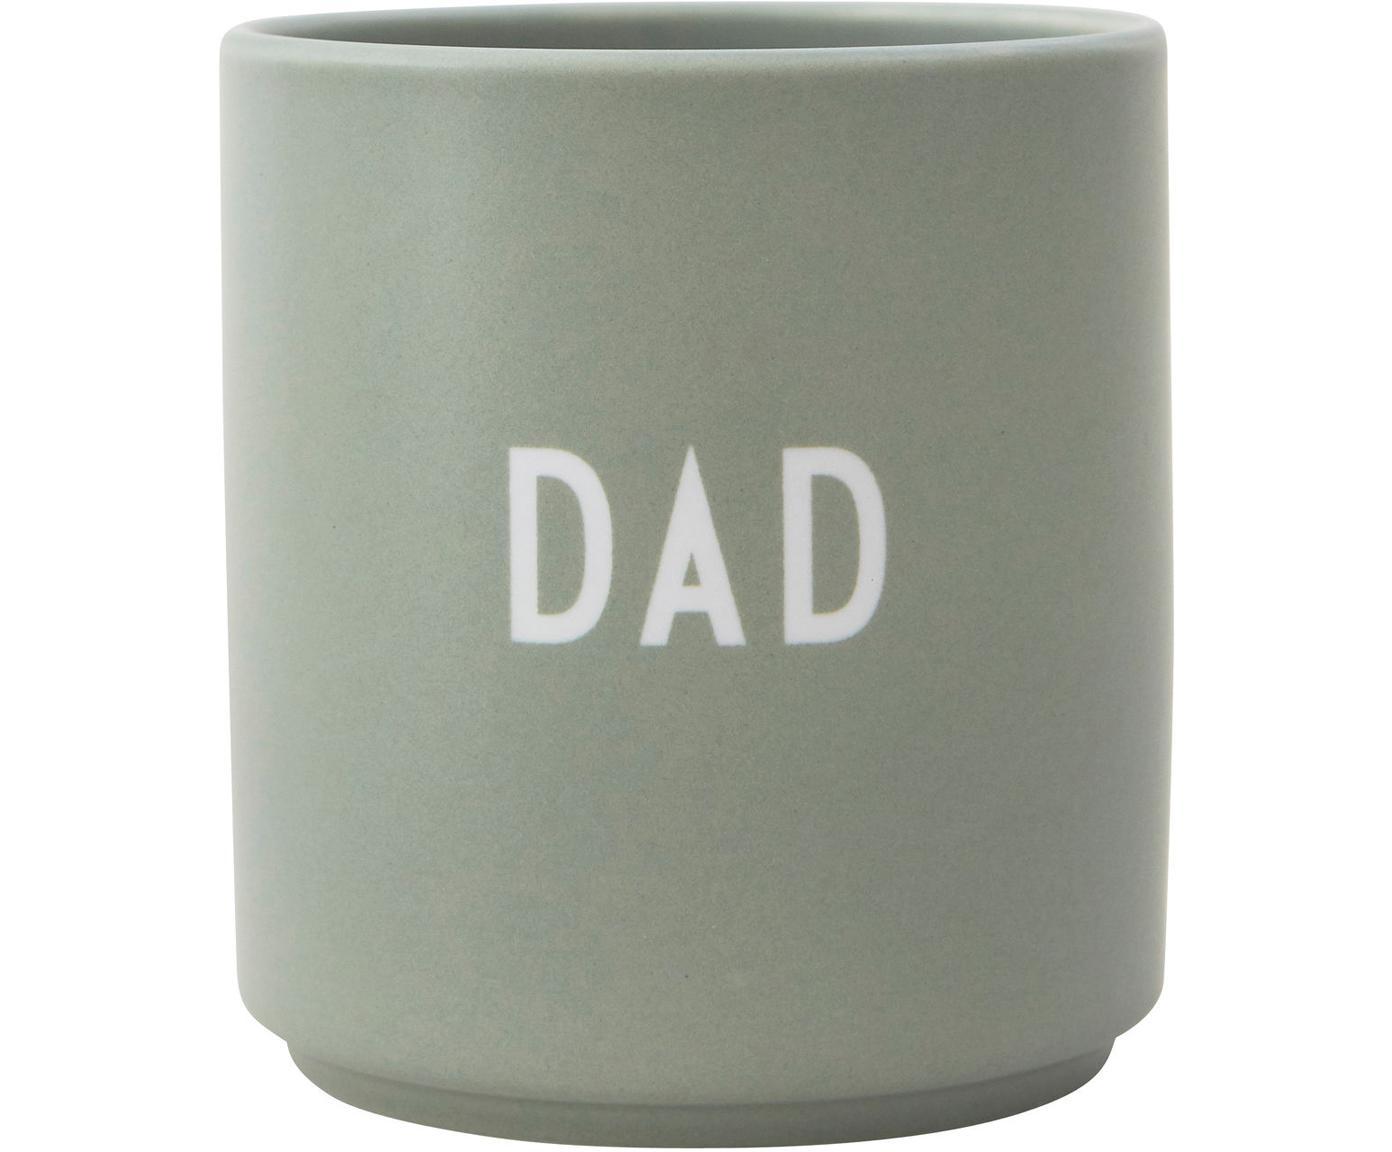 Design Becher Favourite DAD in Mint mit Schriftzug, Fine Bone China (Porzellan), Grün, Weiß, Ø 8 x H 9 cm